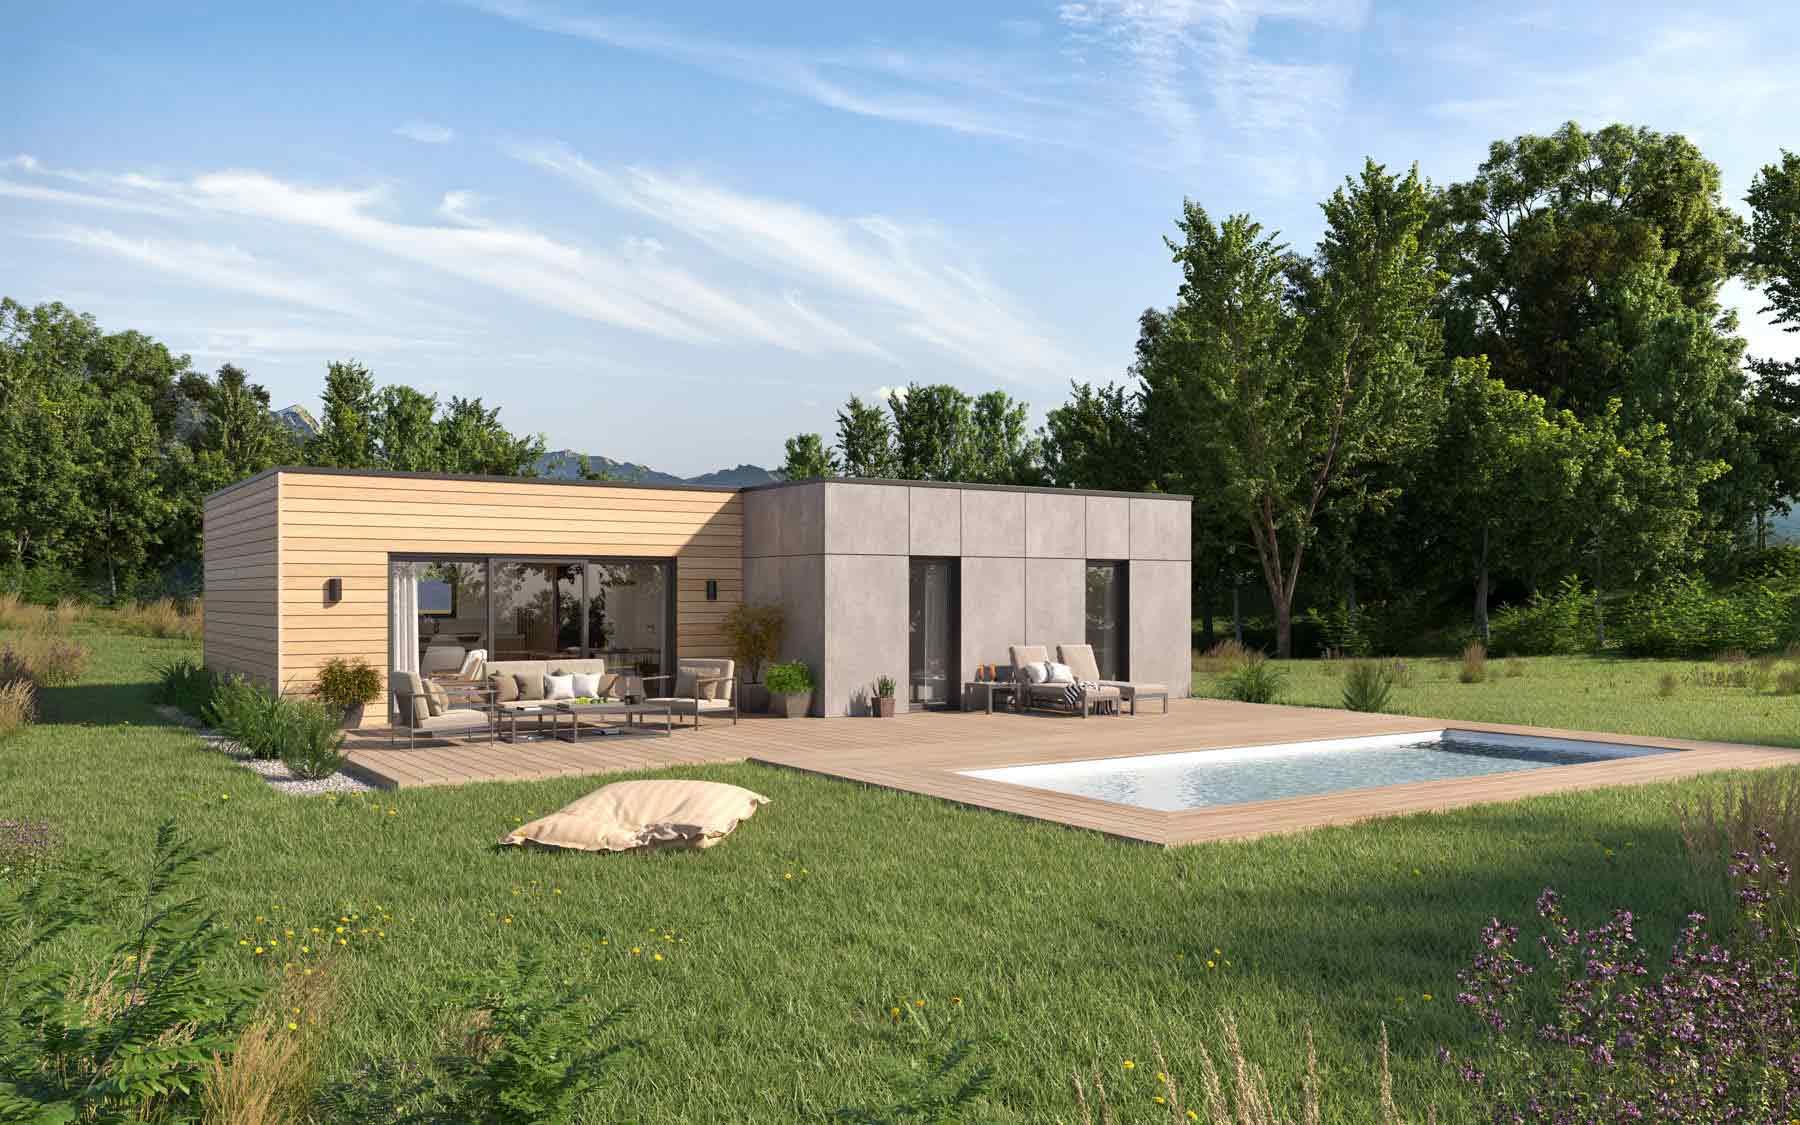 le contrat de construction de maison individuelle (CCMI)